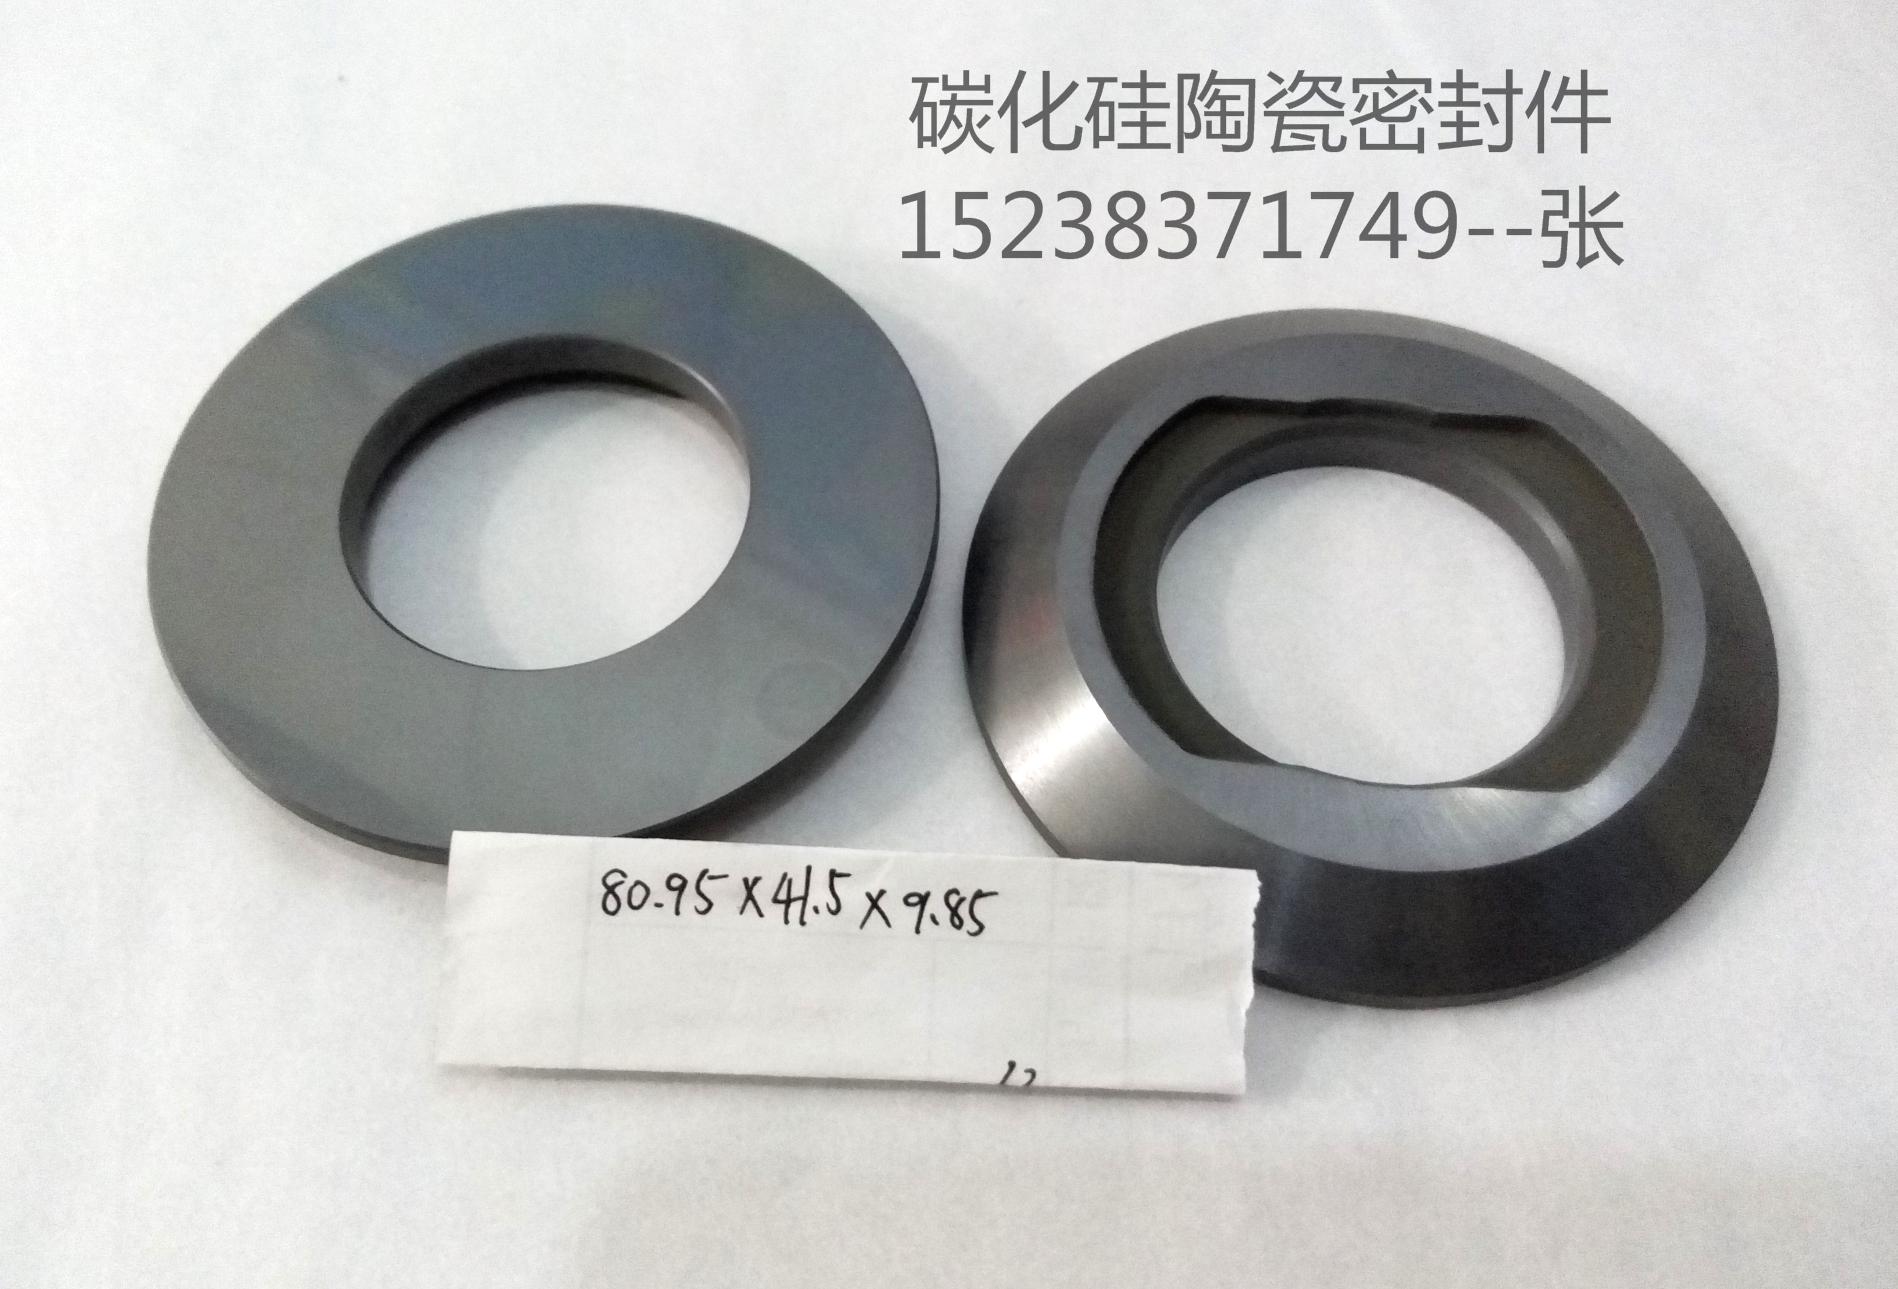 供应浙江碳化硅密封环,浙江碳化硅密封环价格,浙江碳化硅密封环厂家